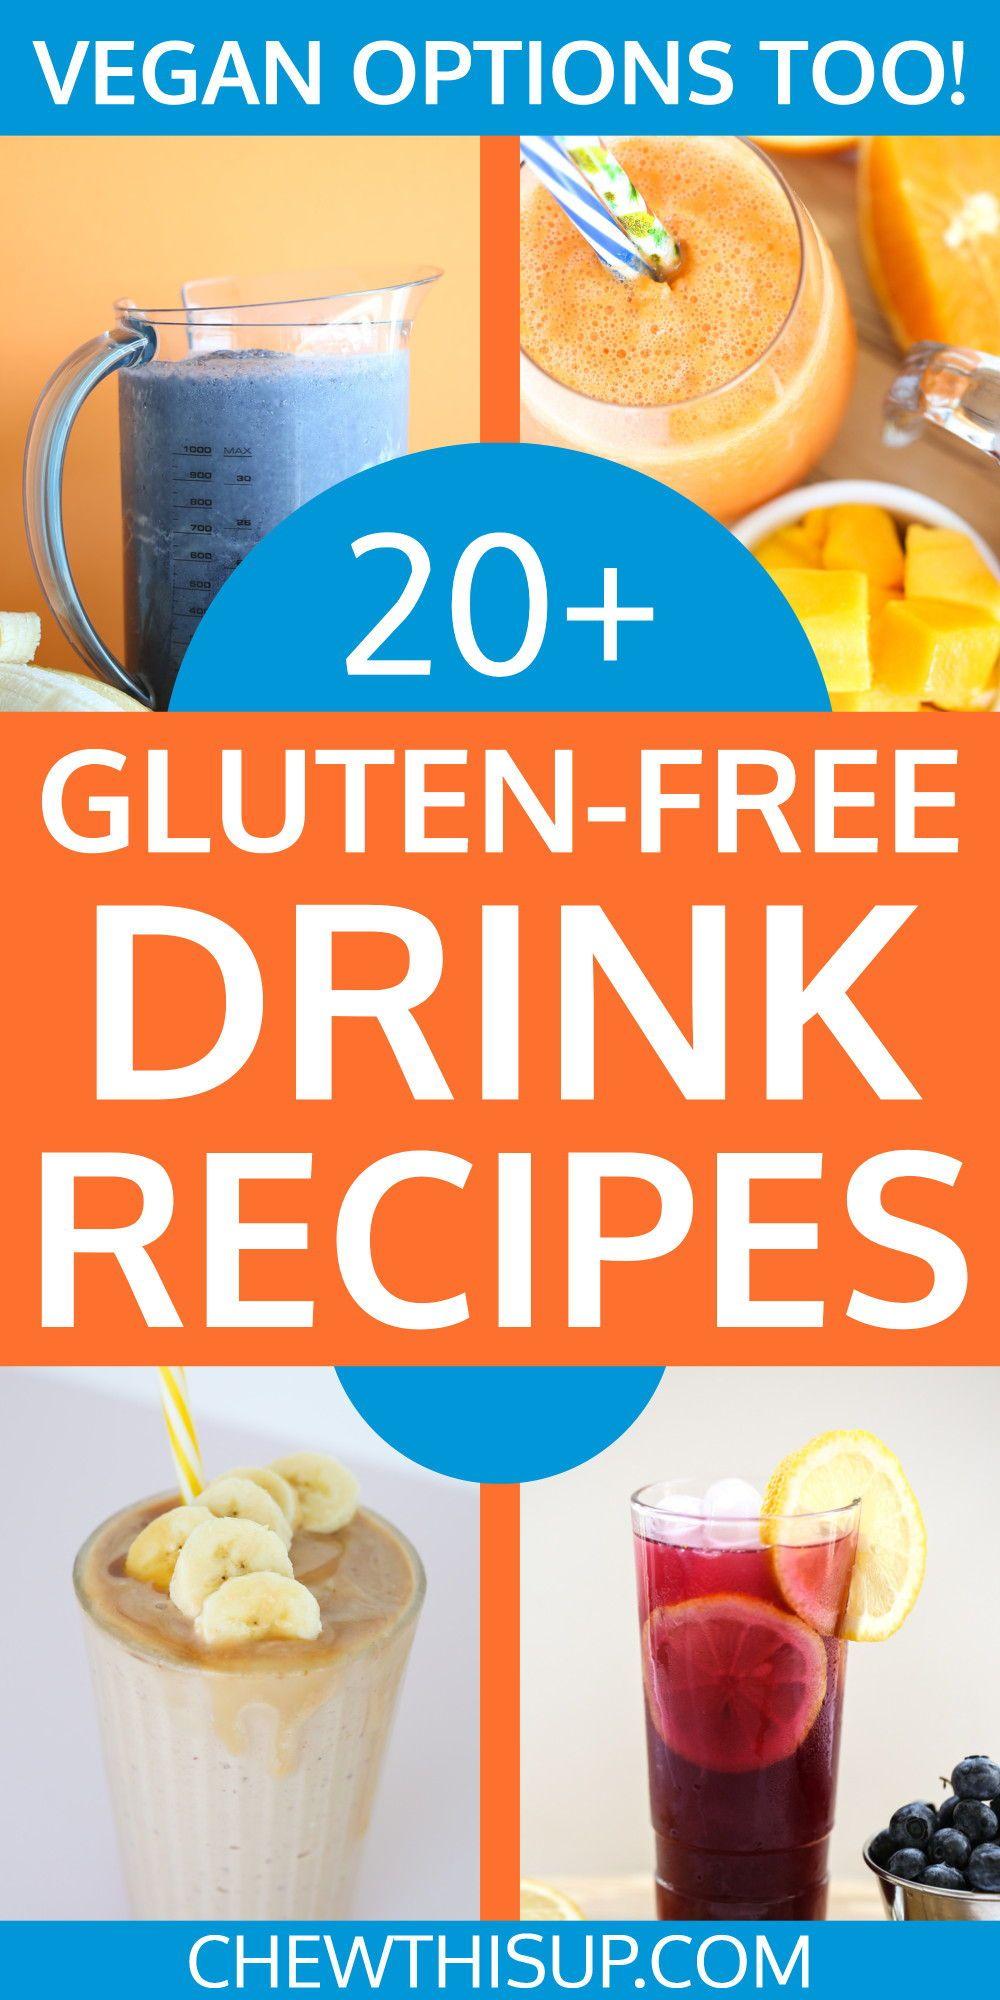 Drinks Gluten free alcohol, Gluten free smoothie, Gluten